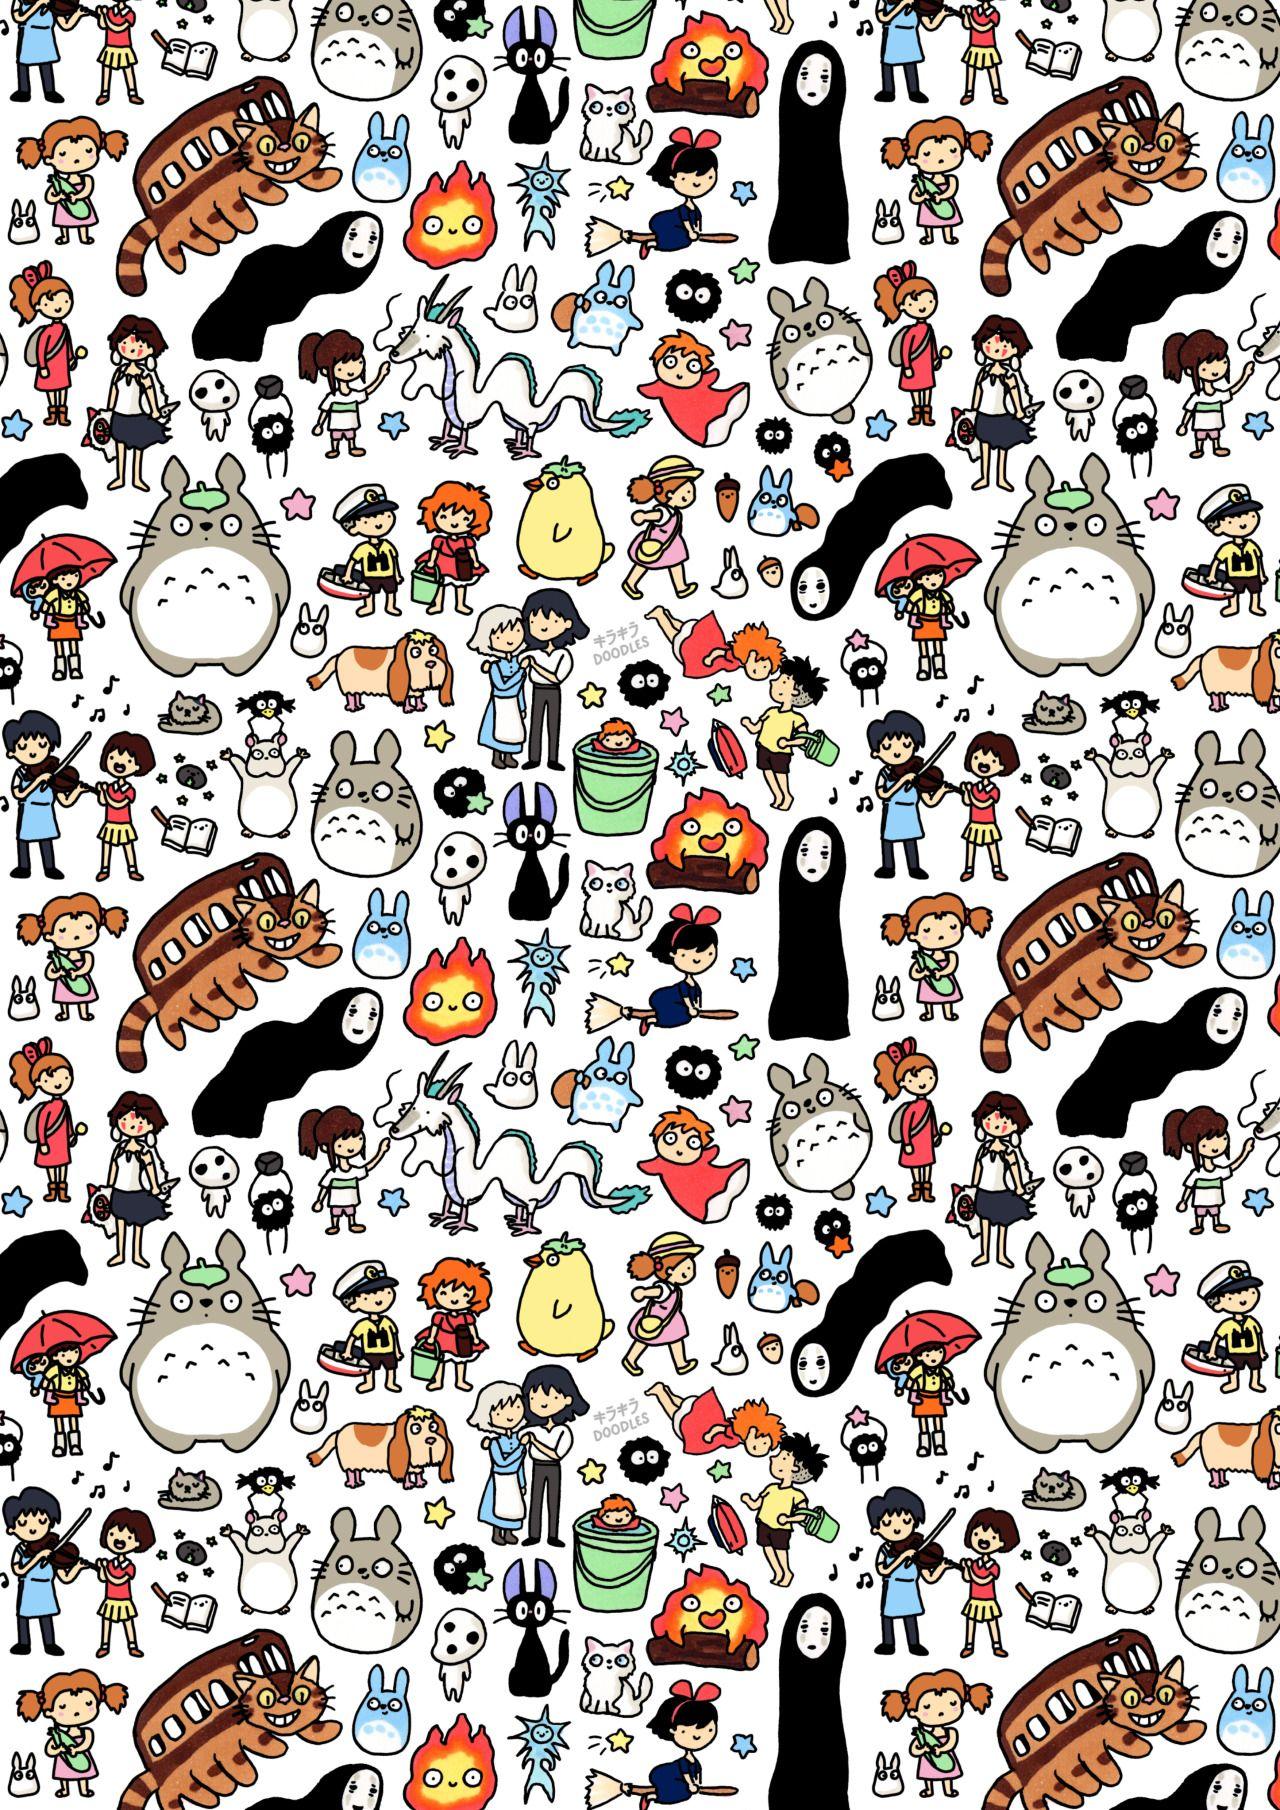 I finally finished my Ghibli doodle, yayyy! (ノ^-^)ノ☆